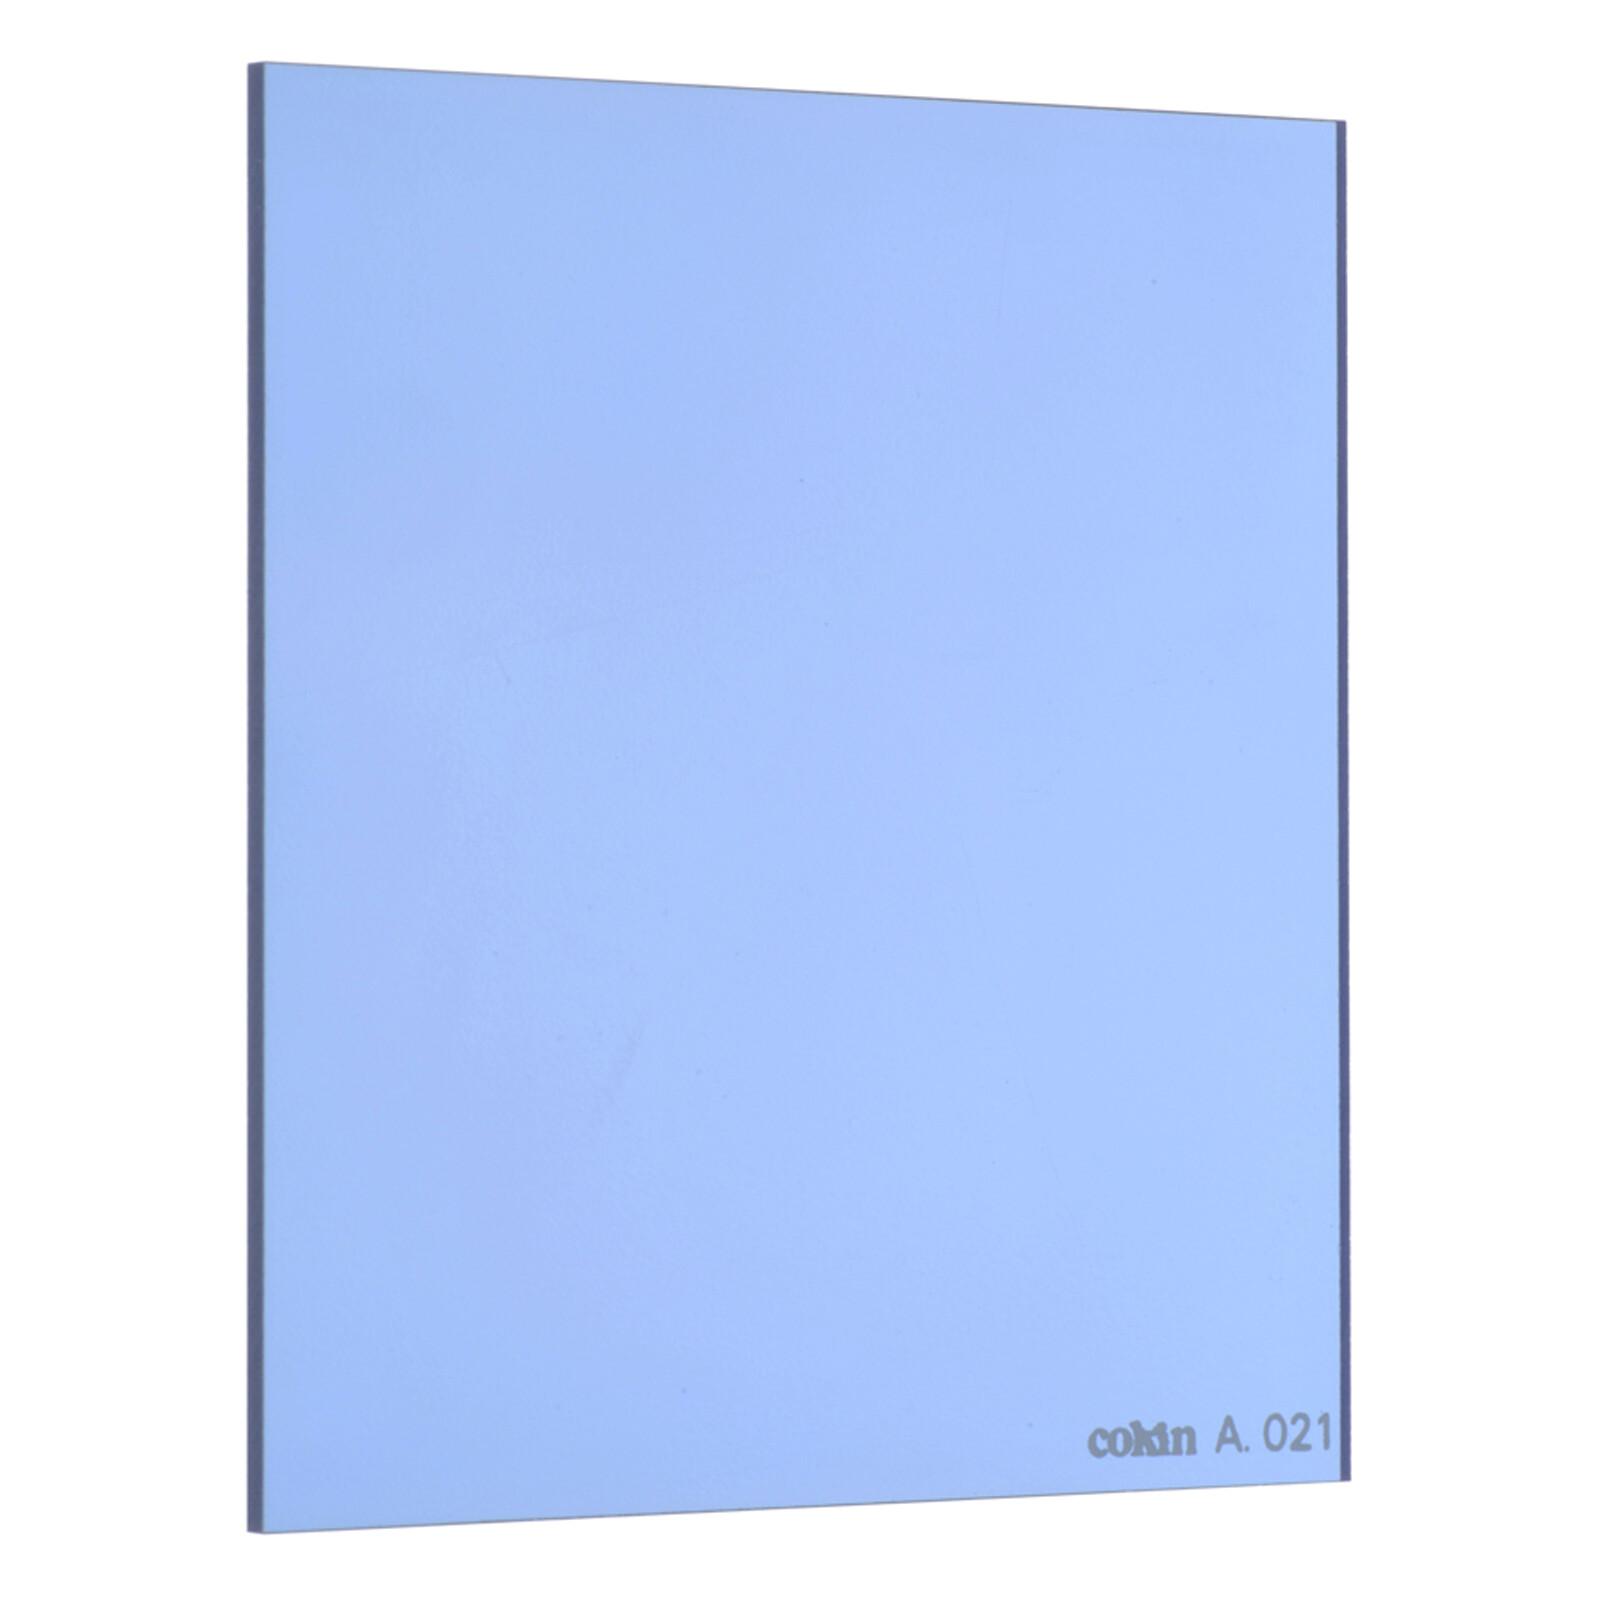 Cokin A021 Konversion Blau 80B